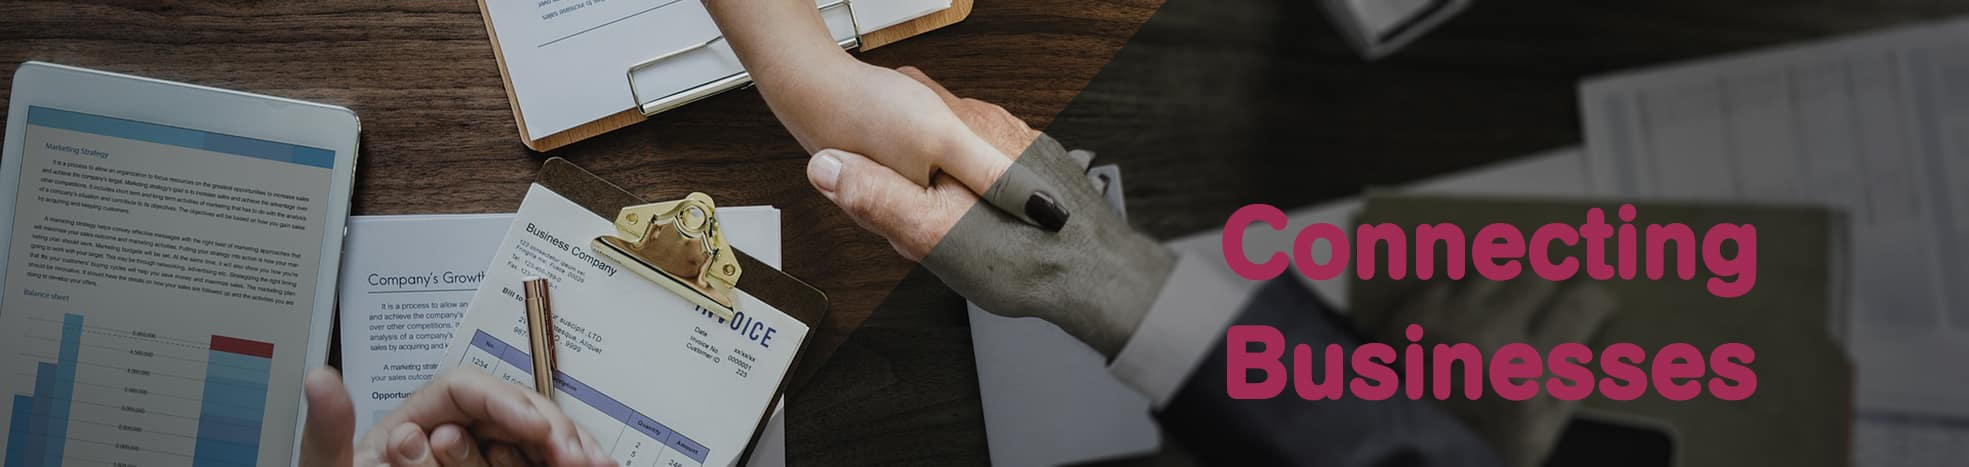 we-bring-businesses-closer-together